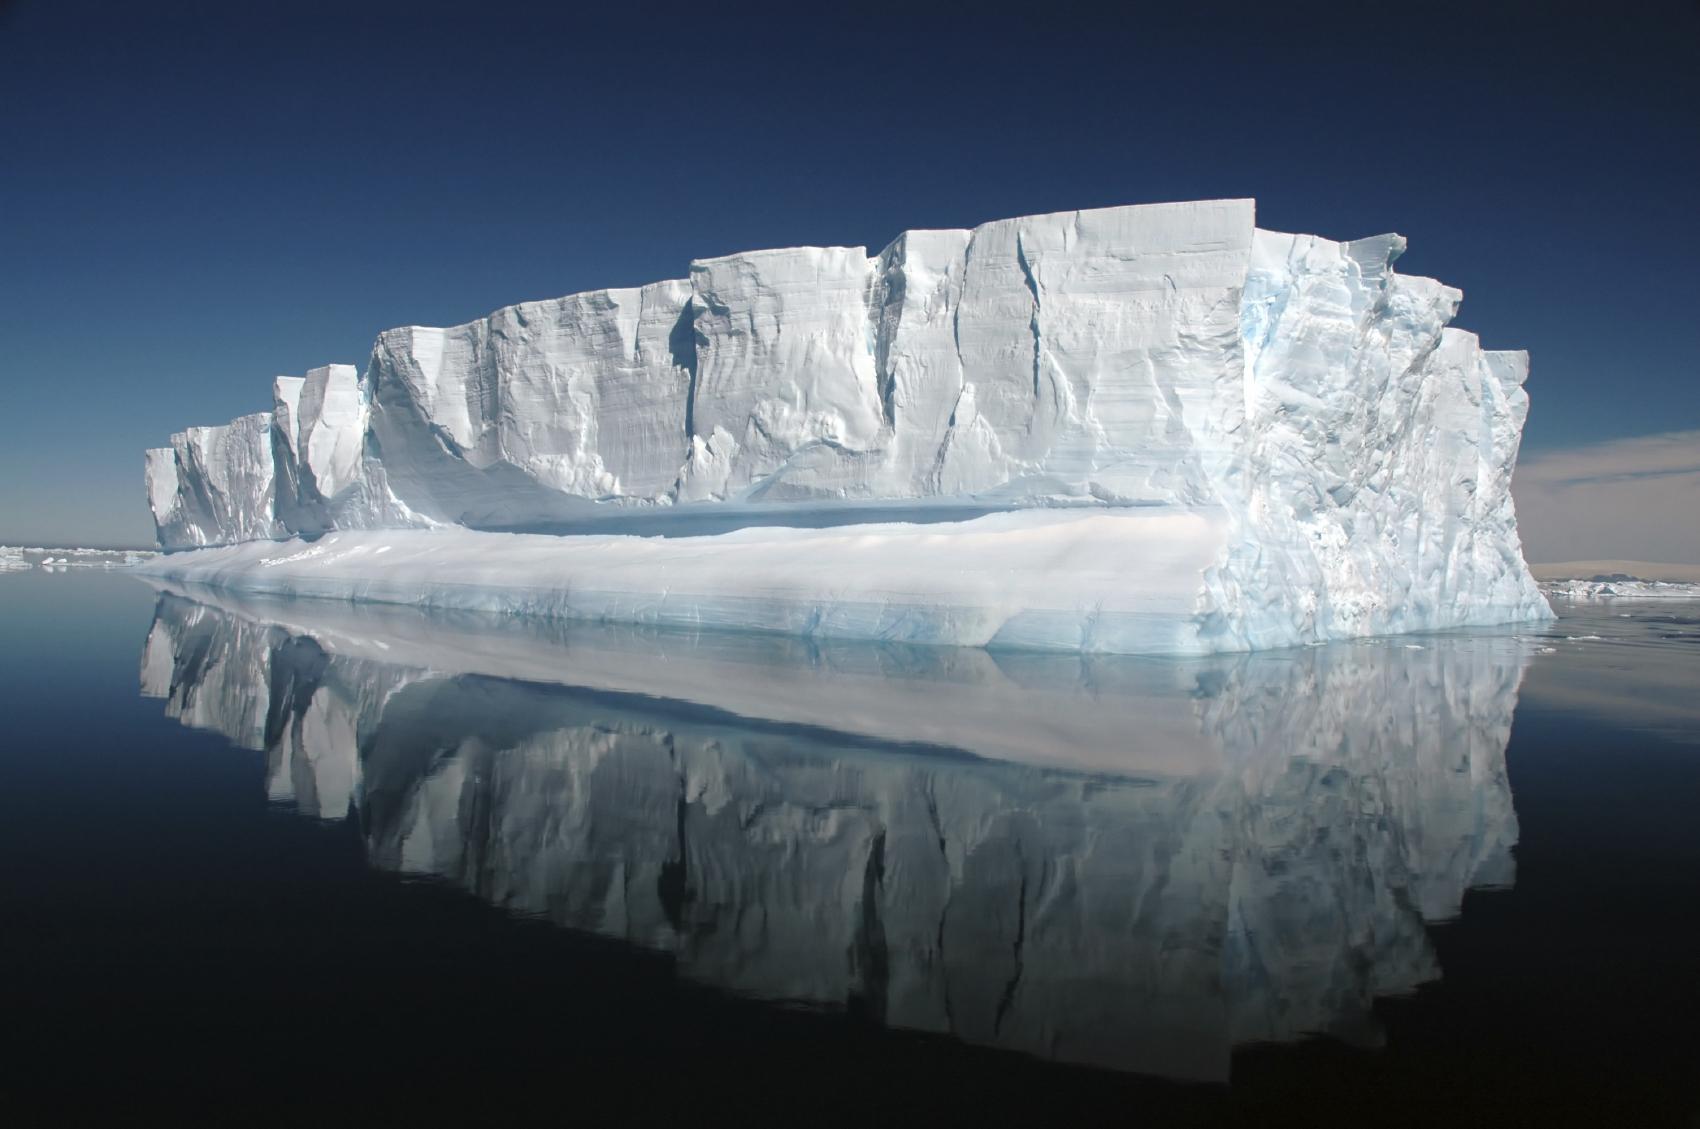 is_vg2016_iceberg_istock_000004750485medium.jpg